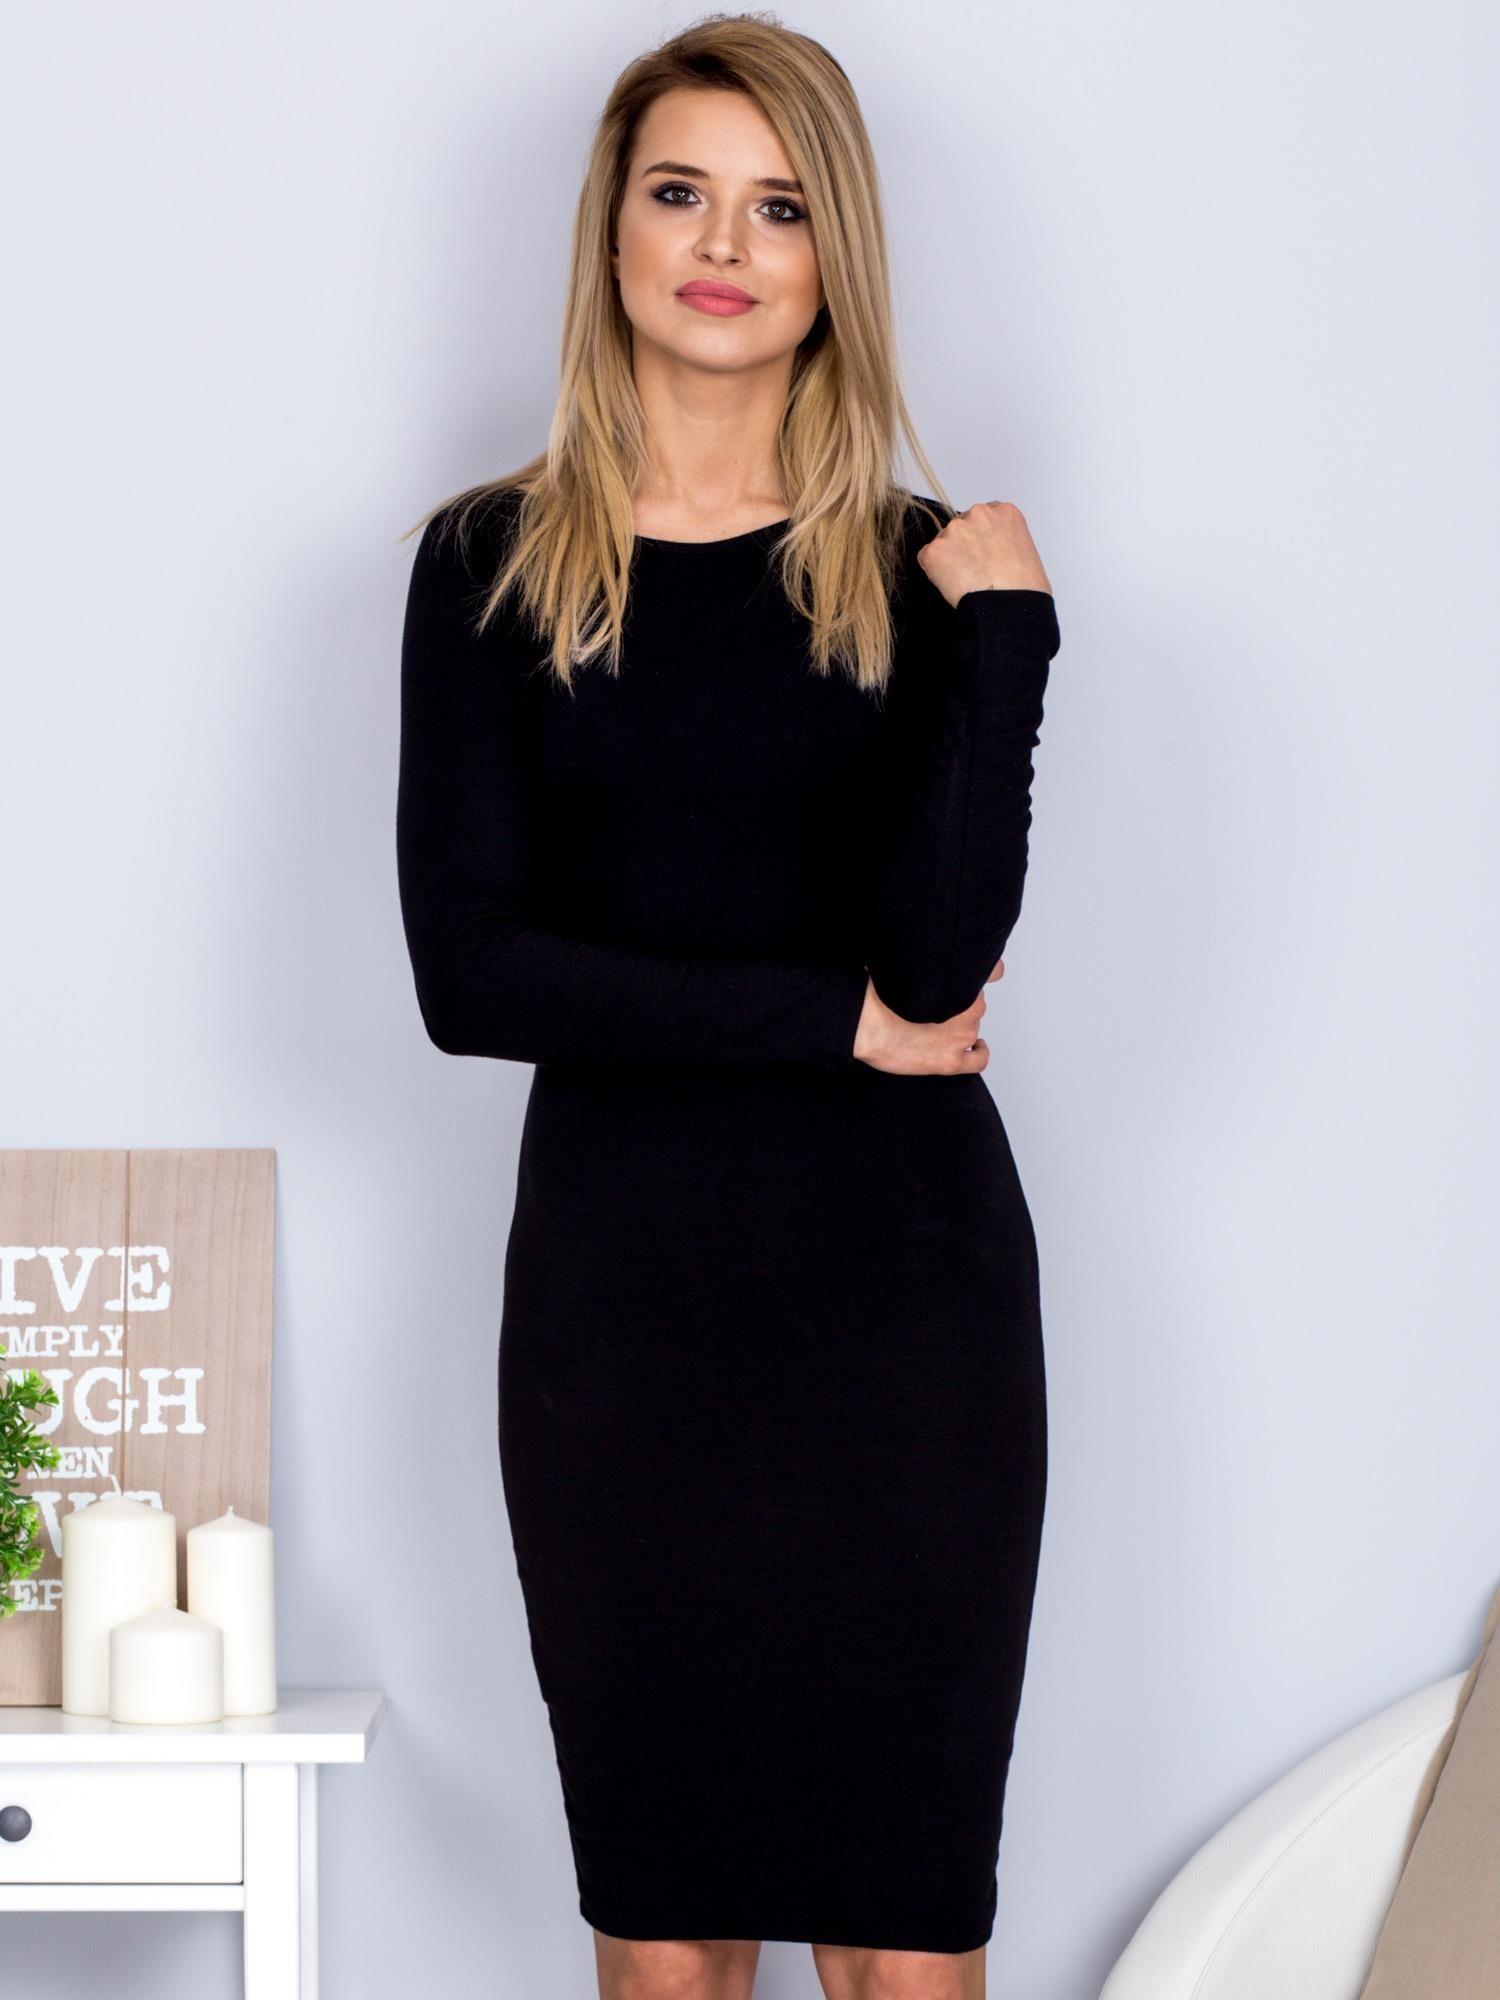 c5140d2cb4 Czarna sukienka z ozdobnymi guzikami na plecach - Sukienka ...